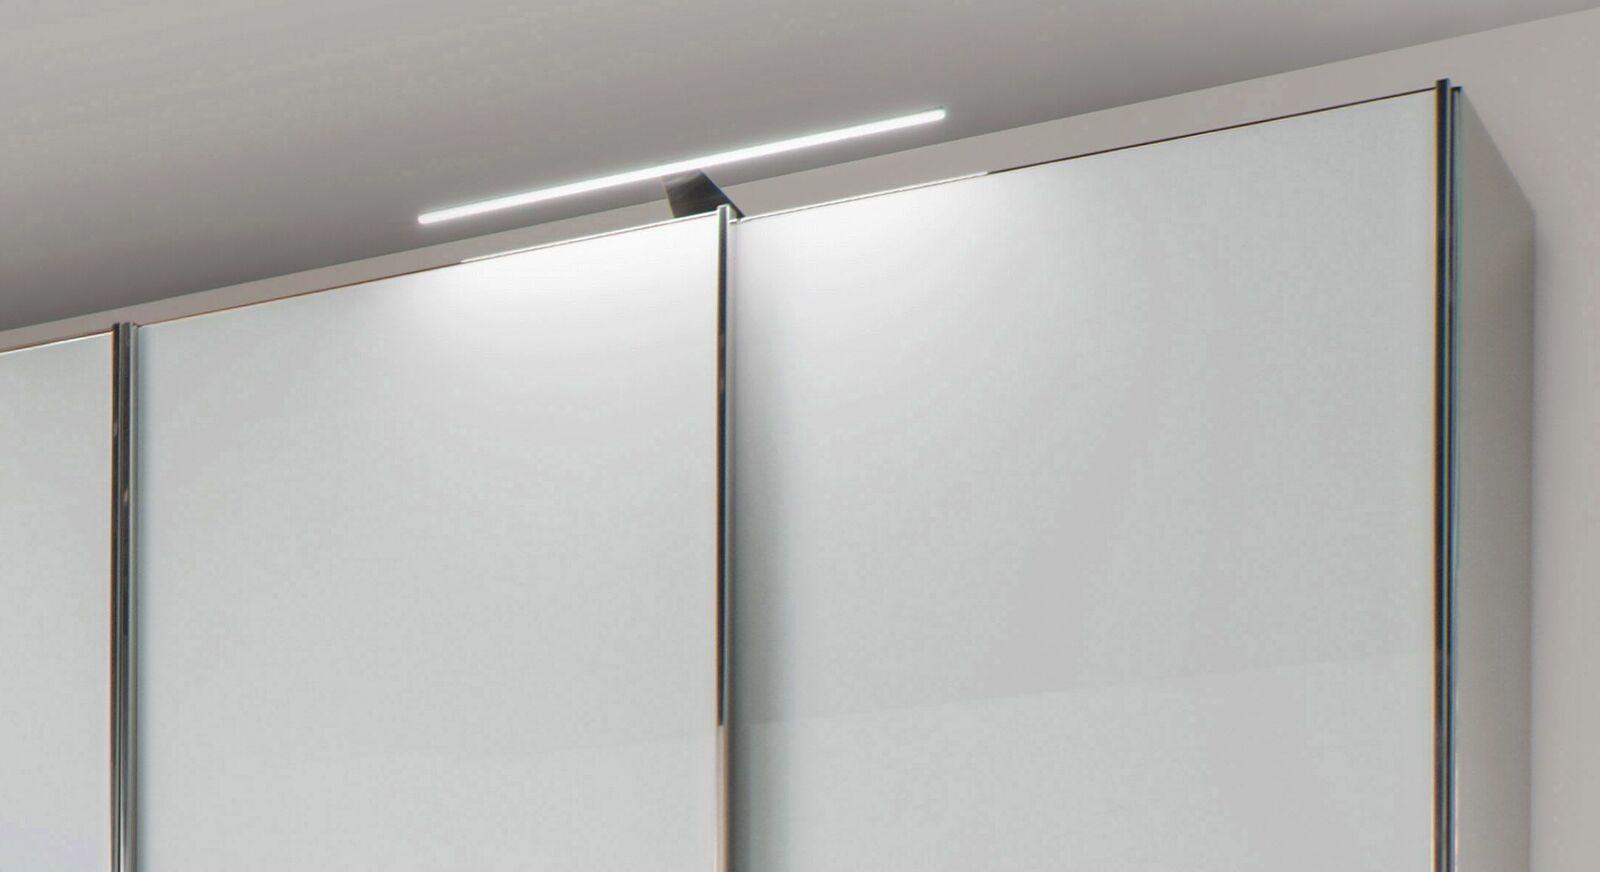 kleiderschrank mit zweifarbigen glas schiebet ren shanvalley. Black Bedroom Furniture Sets. Home Design Ideas